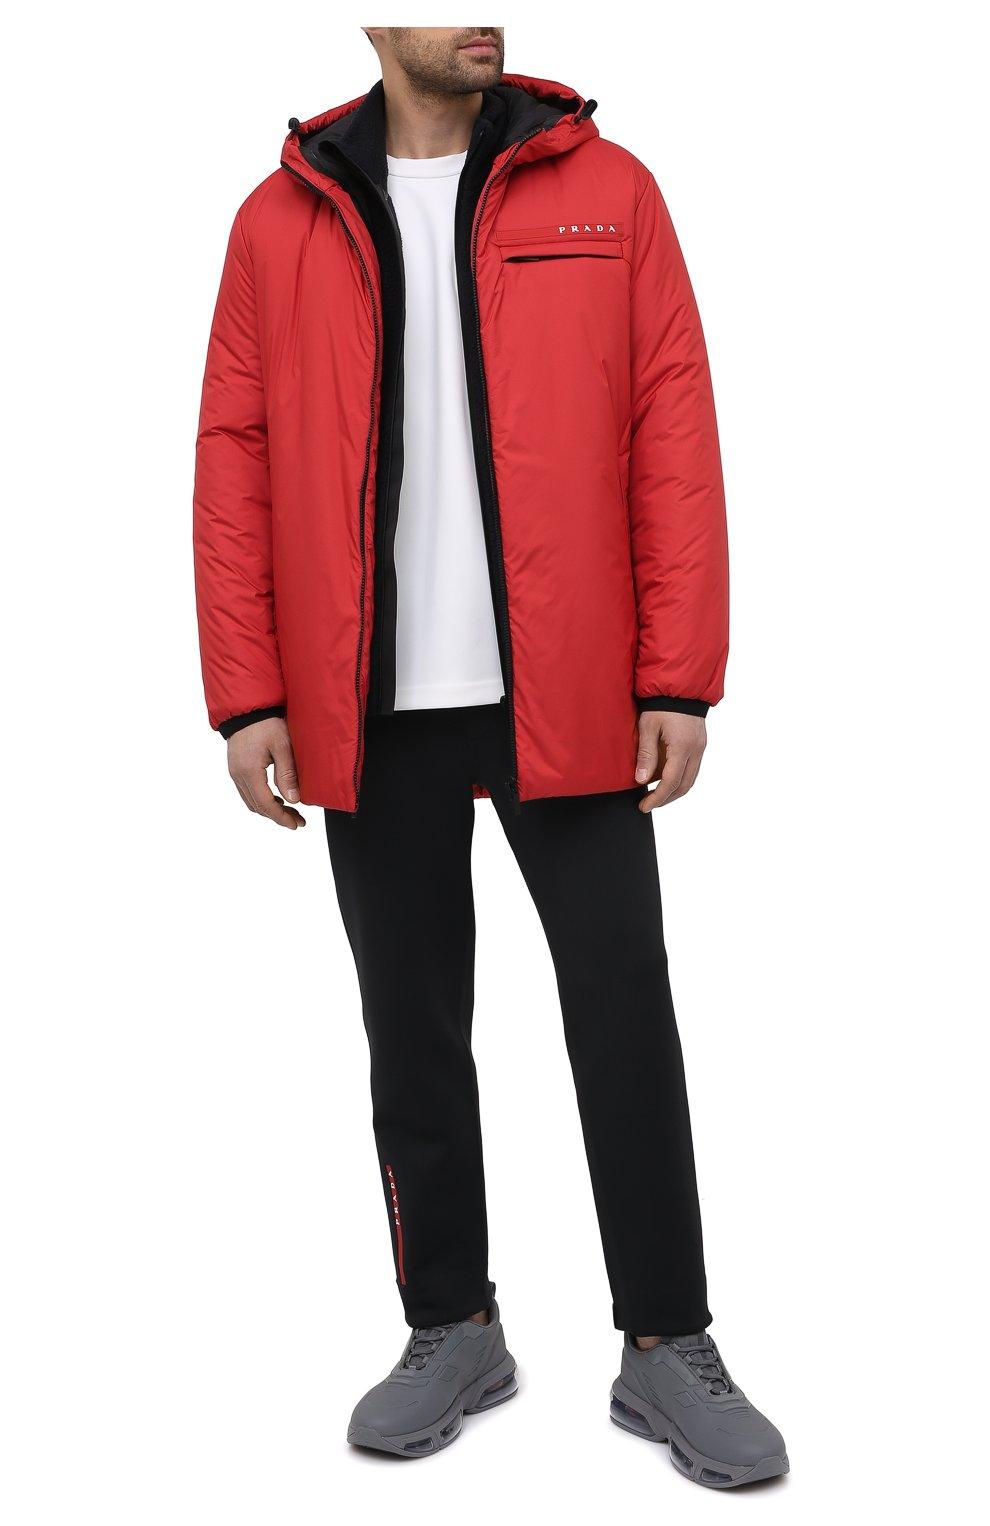 Мужская утепленная куртка PRADA красного цвета, арт. SGB660-1XYW-F0011-202 | Фото 2 (Кросс-КТ: Куртка; Мужское Кросс-КТ: пуховик-короткий; Рукава: Длинные; Материал внешний: Синтетический материал; Стили: Минимализм)